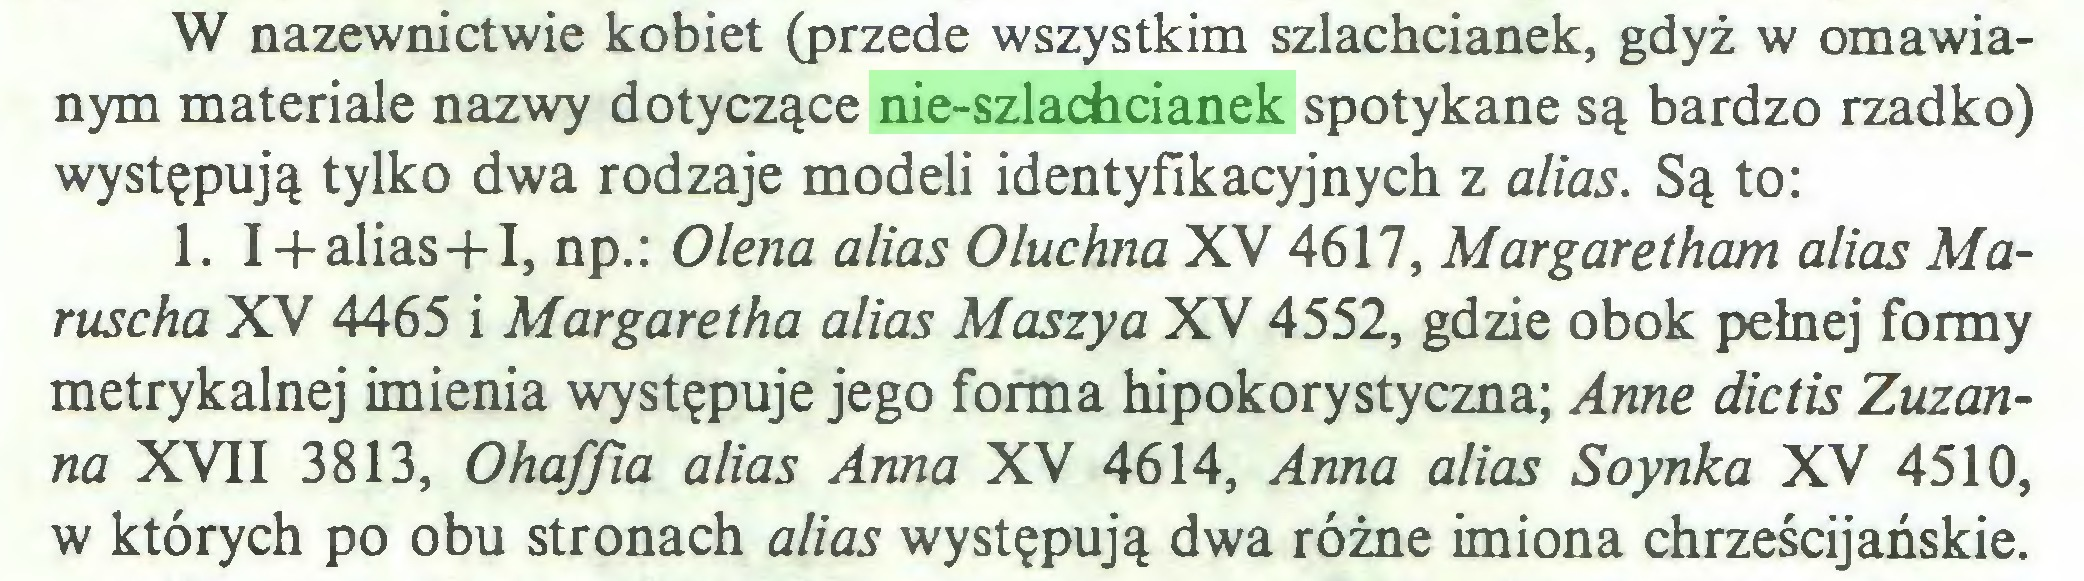 (...) W nazewnictwie kobiet (przede wszystkim szlachcianek, gdyż w omawianym materiale nazwy dotyczące nie-szlachcianek spotykane są bardzo rzadko) występują tylko dwa rodzaje modeli identyfikacyjnych z alias. Są to: 1. I + alias-f I, np.: Olena alias Oluchna XV 4617, Margaretham alias Maruscha XV 4465 i Margaretha alias Maszya XV 4552, gdzie obok pełnej formy metrykalnej imienia występuje jego forma hipokorystyczna; Annę dictis Zuzanna XVII 3813, Ohaffia alias Anna XV 4614, Anna alias Soynka XV 4510, w których po obu stronach alias występują dwa różne imiona chrześcijańskie...